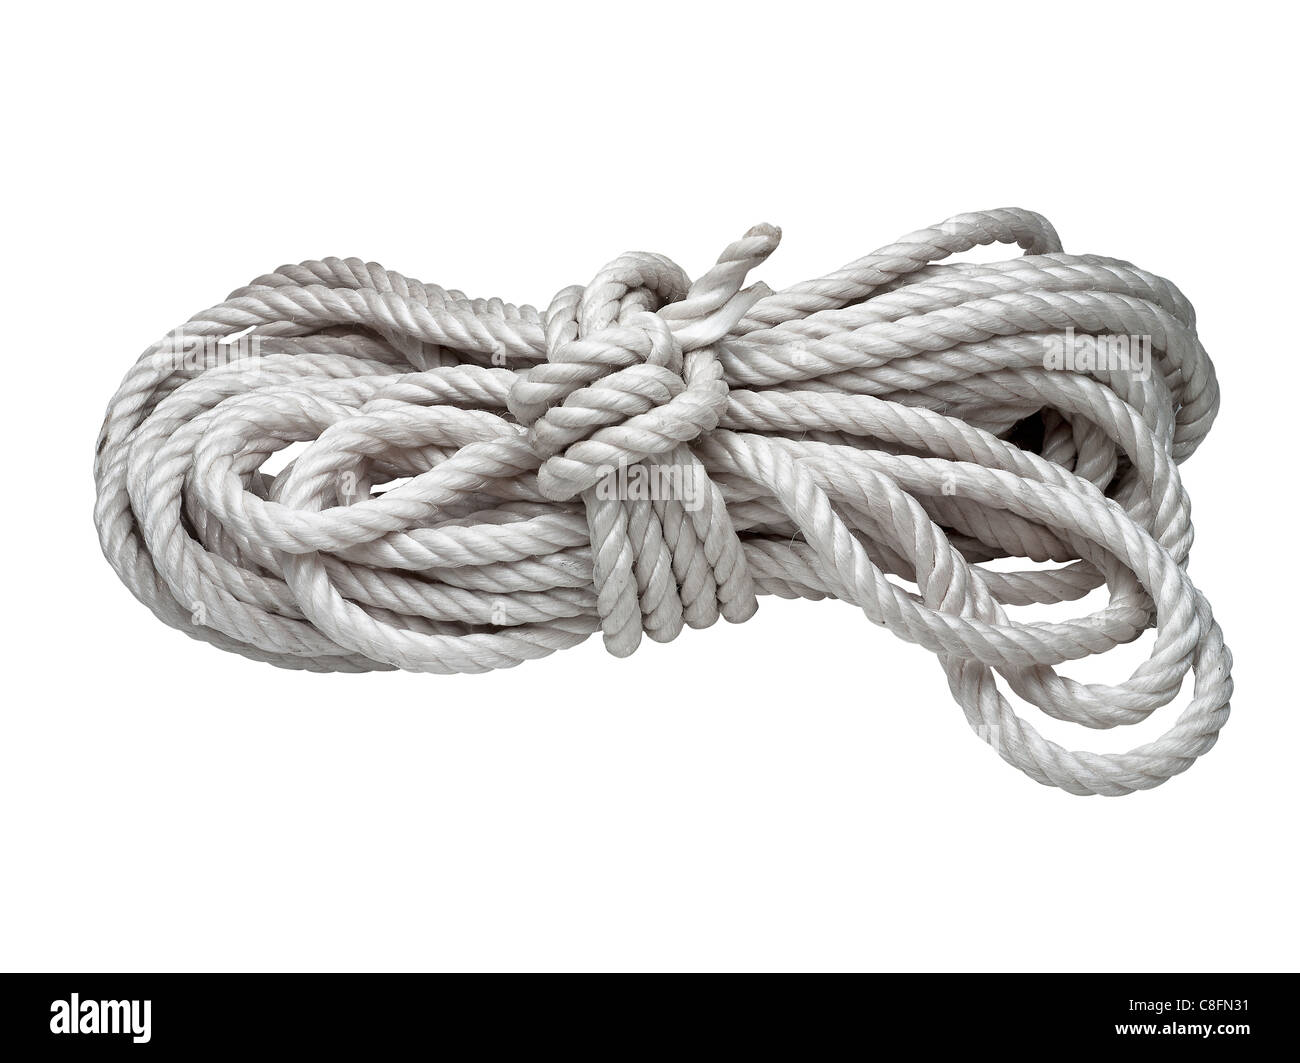 Rollo de cuerda aislado en blanco Imagen De Stock